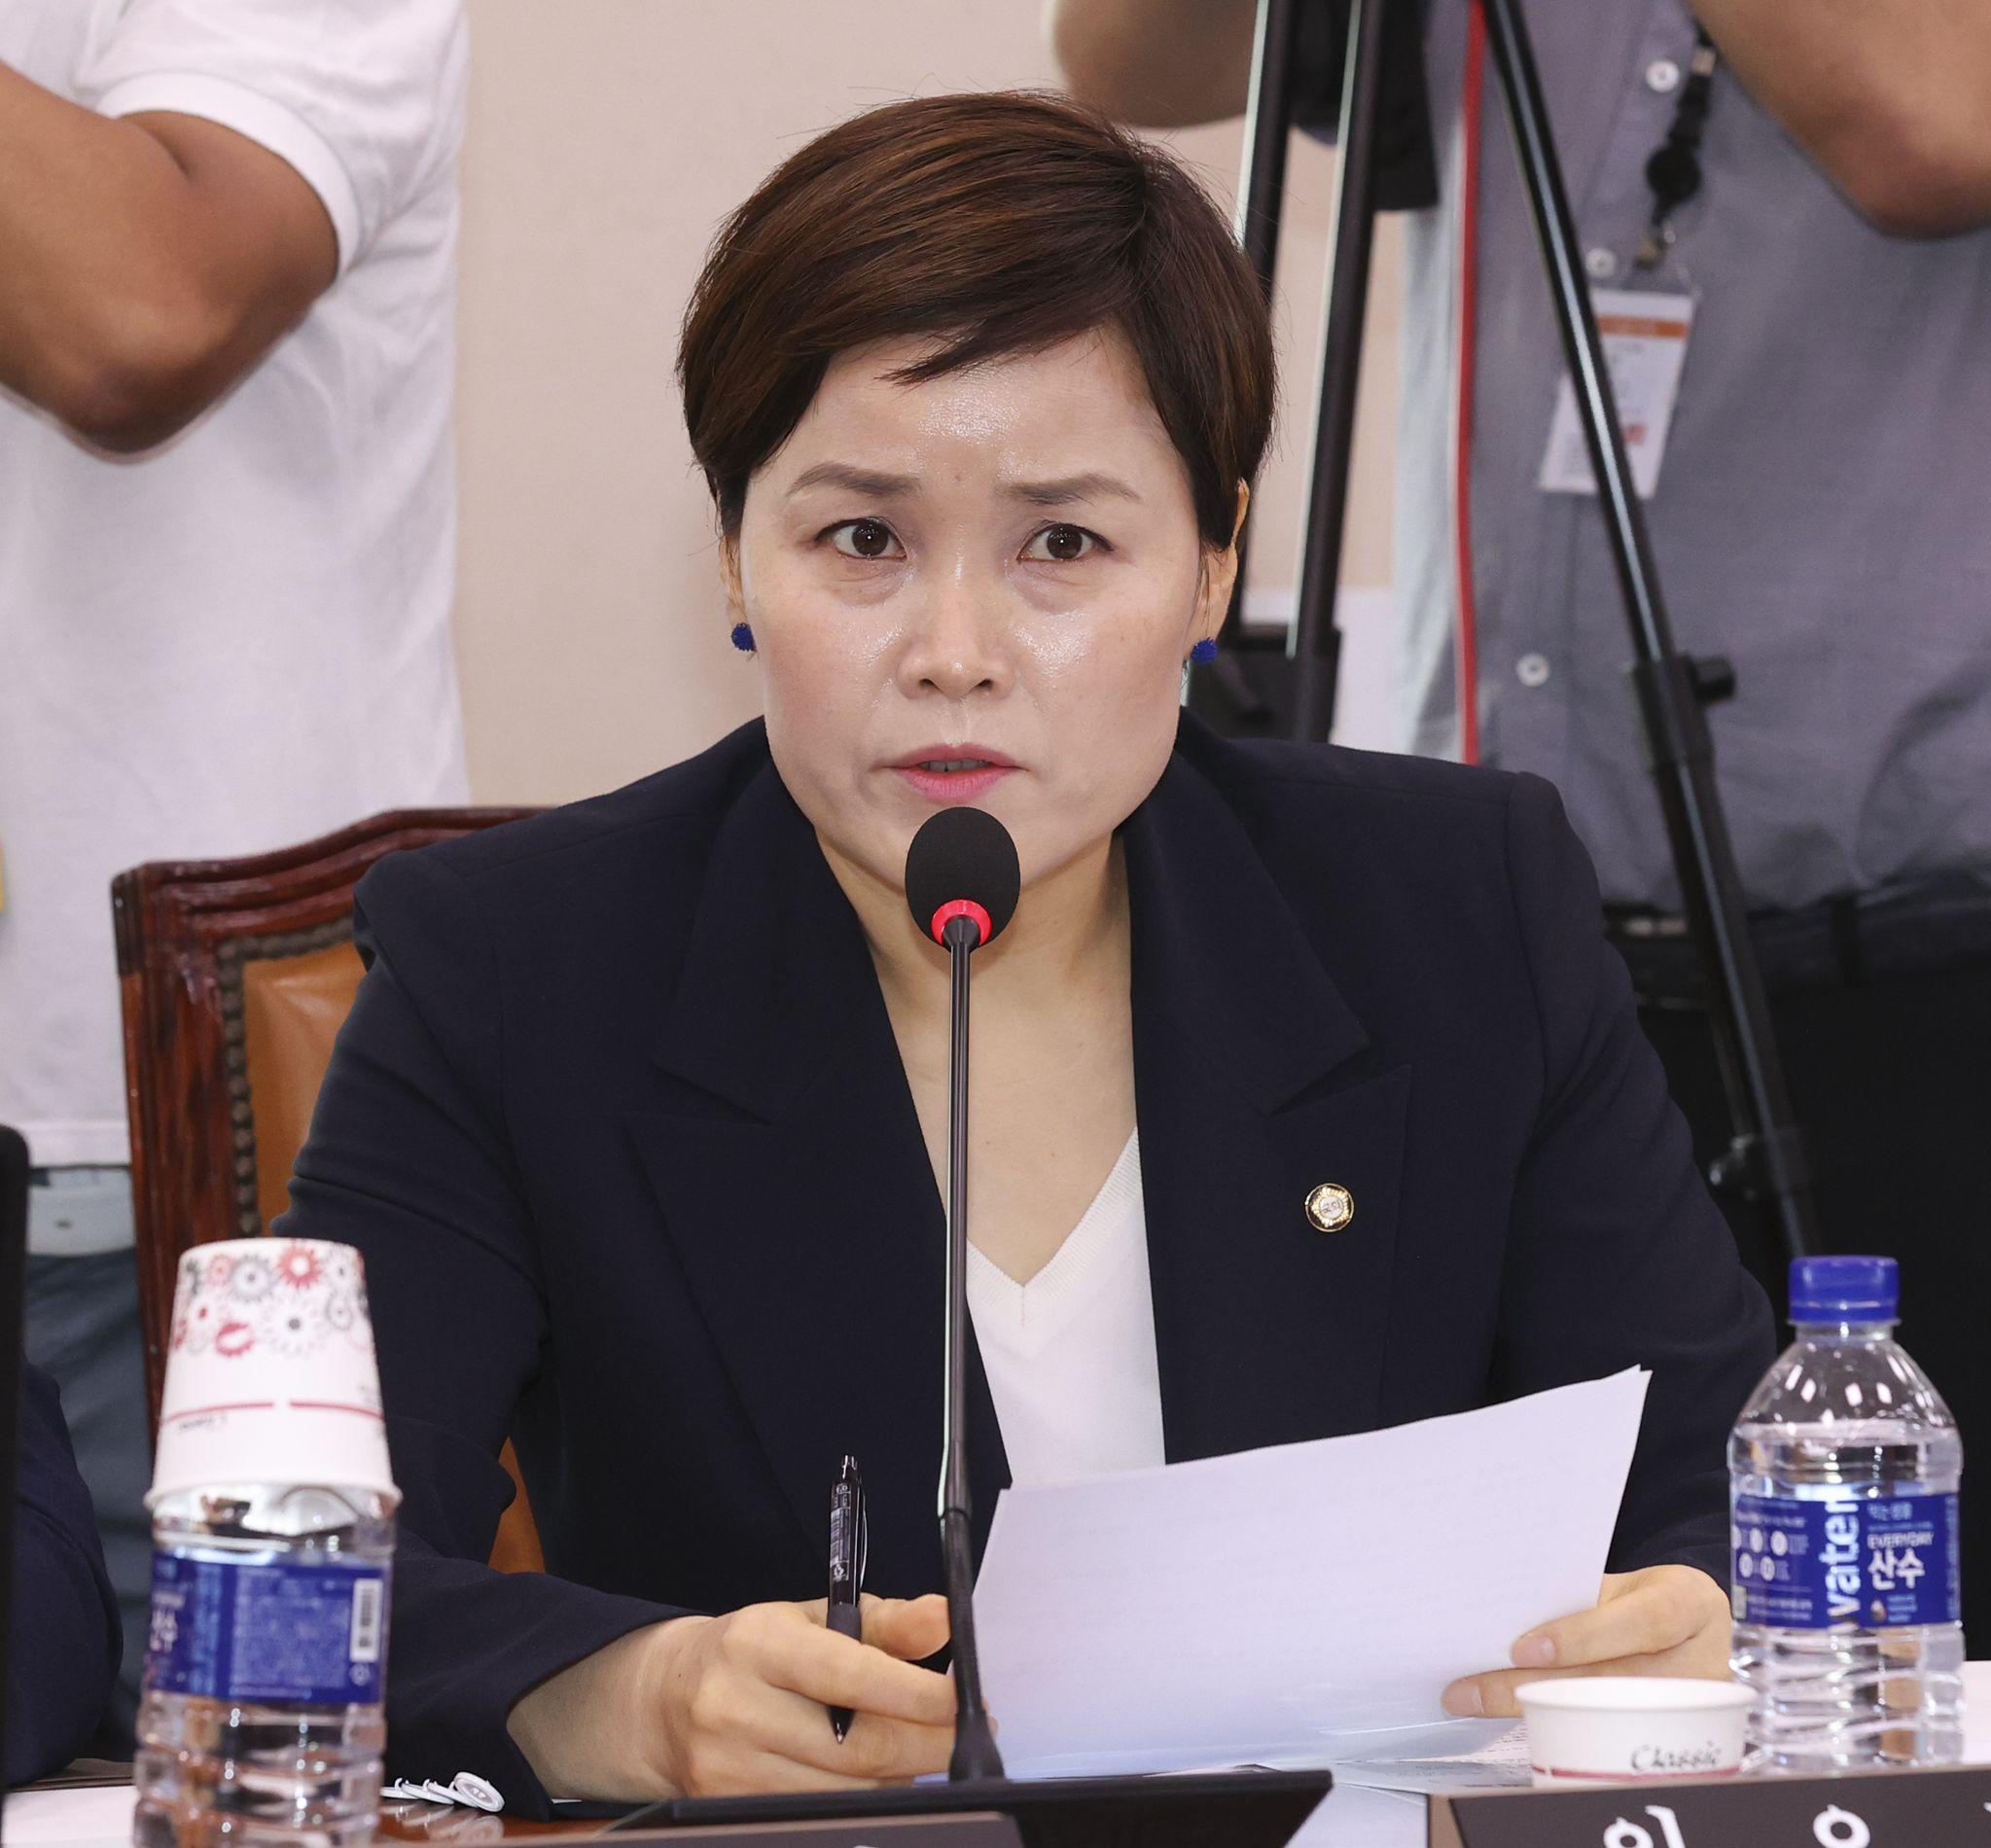 민주당 임오경 의원이 6일 오전 서울 여의도 국회에서 열린 문화체육관광위원회 전체회의에서 물을 마시고 있다. 임현동 기자